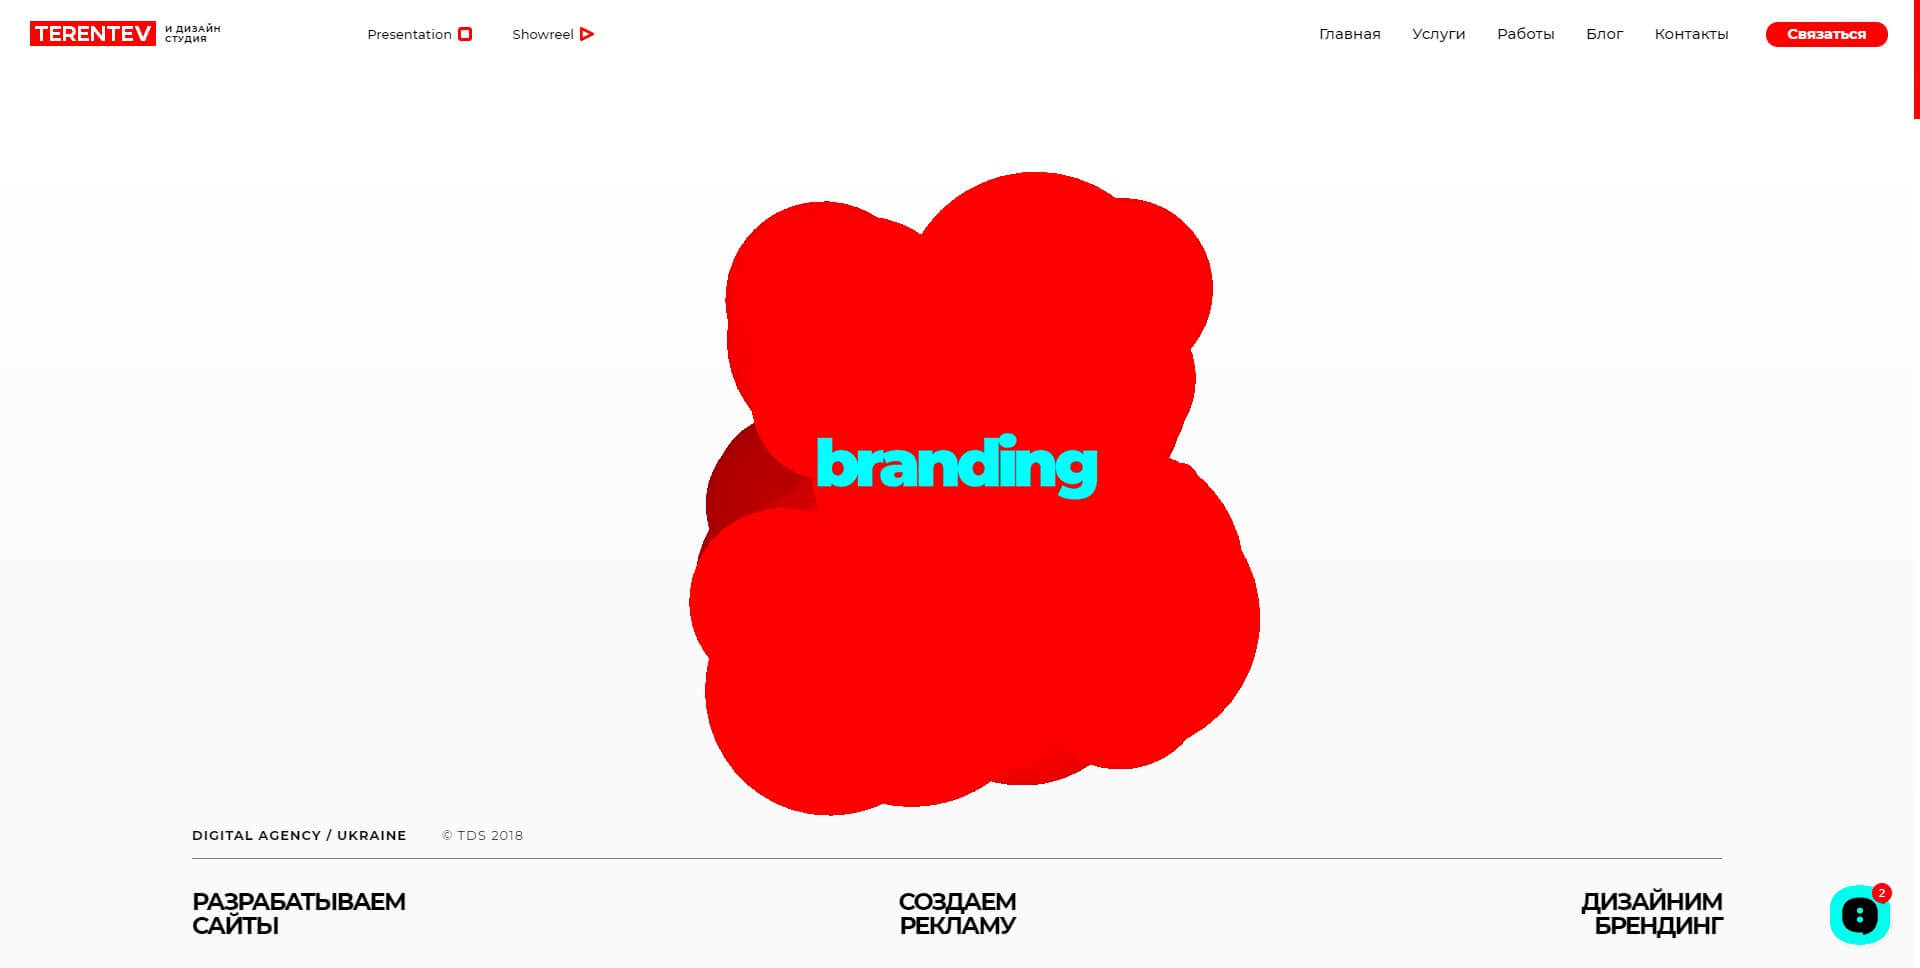 Terentev Design Studio - обзор компании, услуги, отзывы, клиенты, Фото № 1 - google-seo.pro